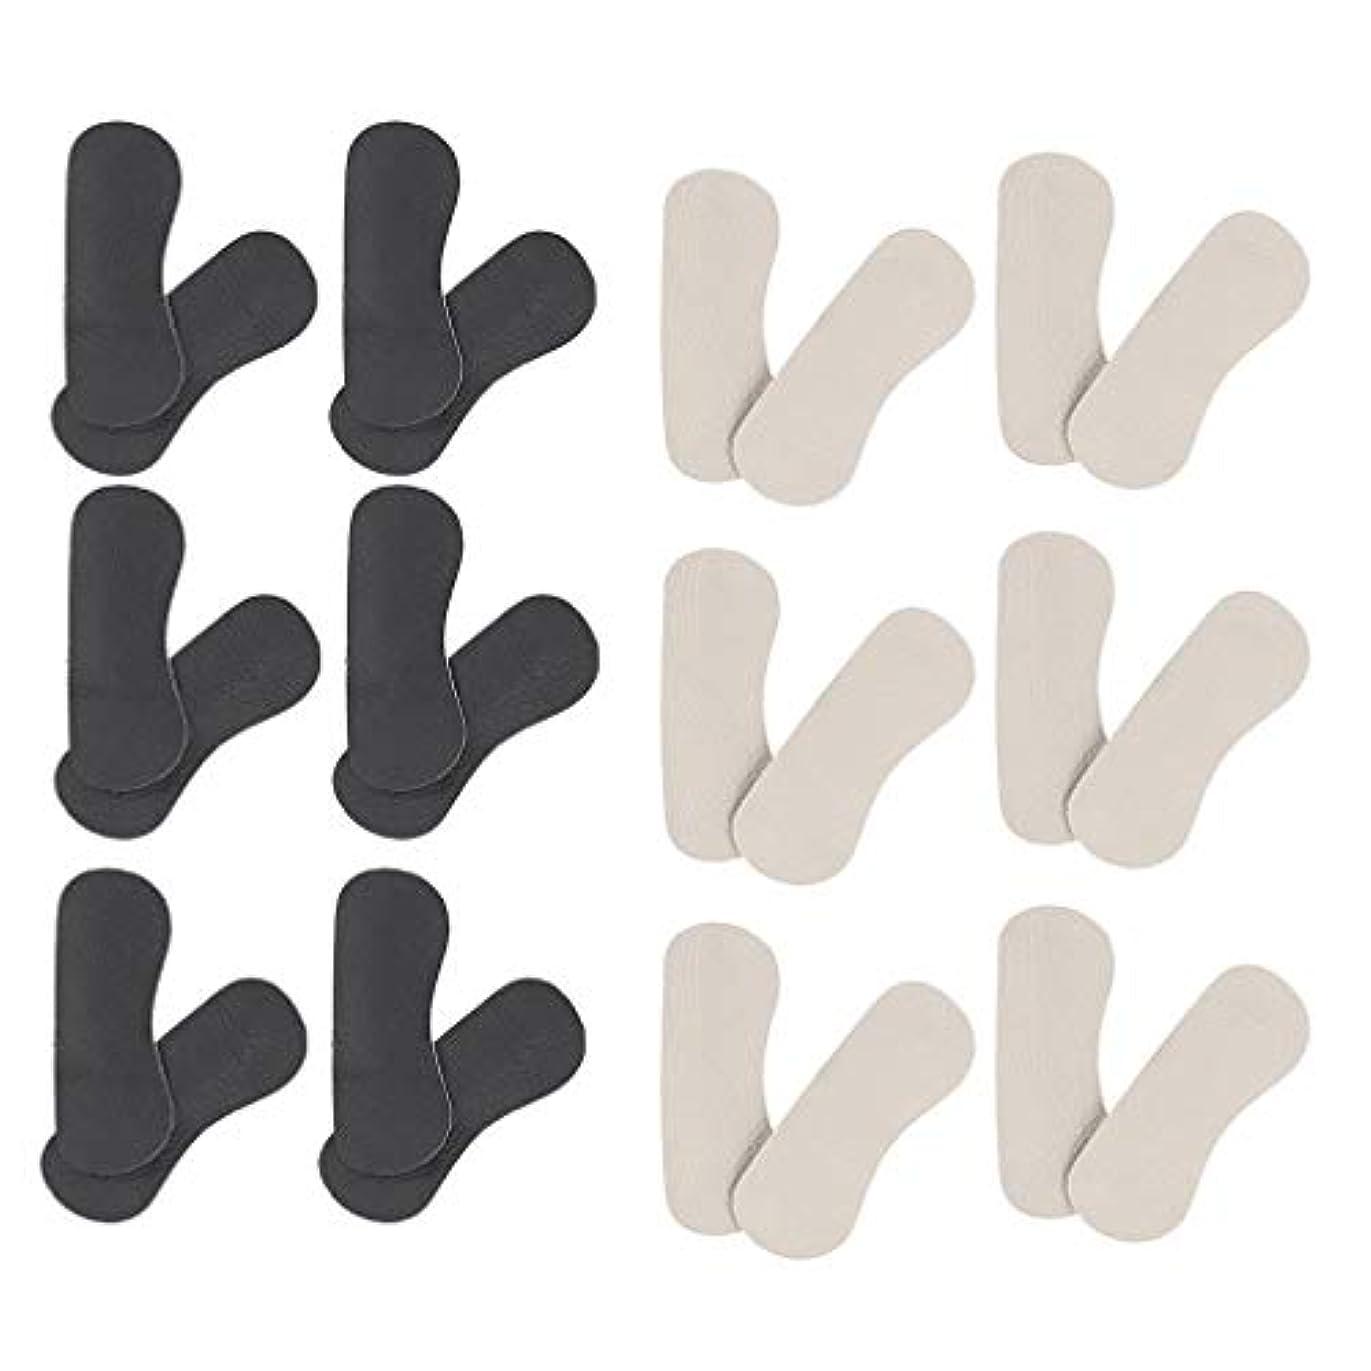 考慮グリップ暗くするP Prettyia 靴擦れ防止 かかと パッドクッション パカパカ防止 ヒールパッド 踵 保護 ハイヒール 革靴 スニーカーに対応